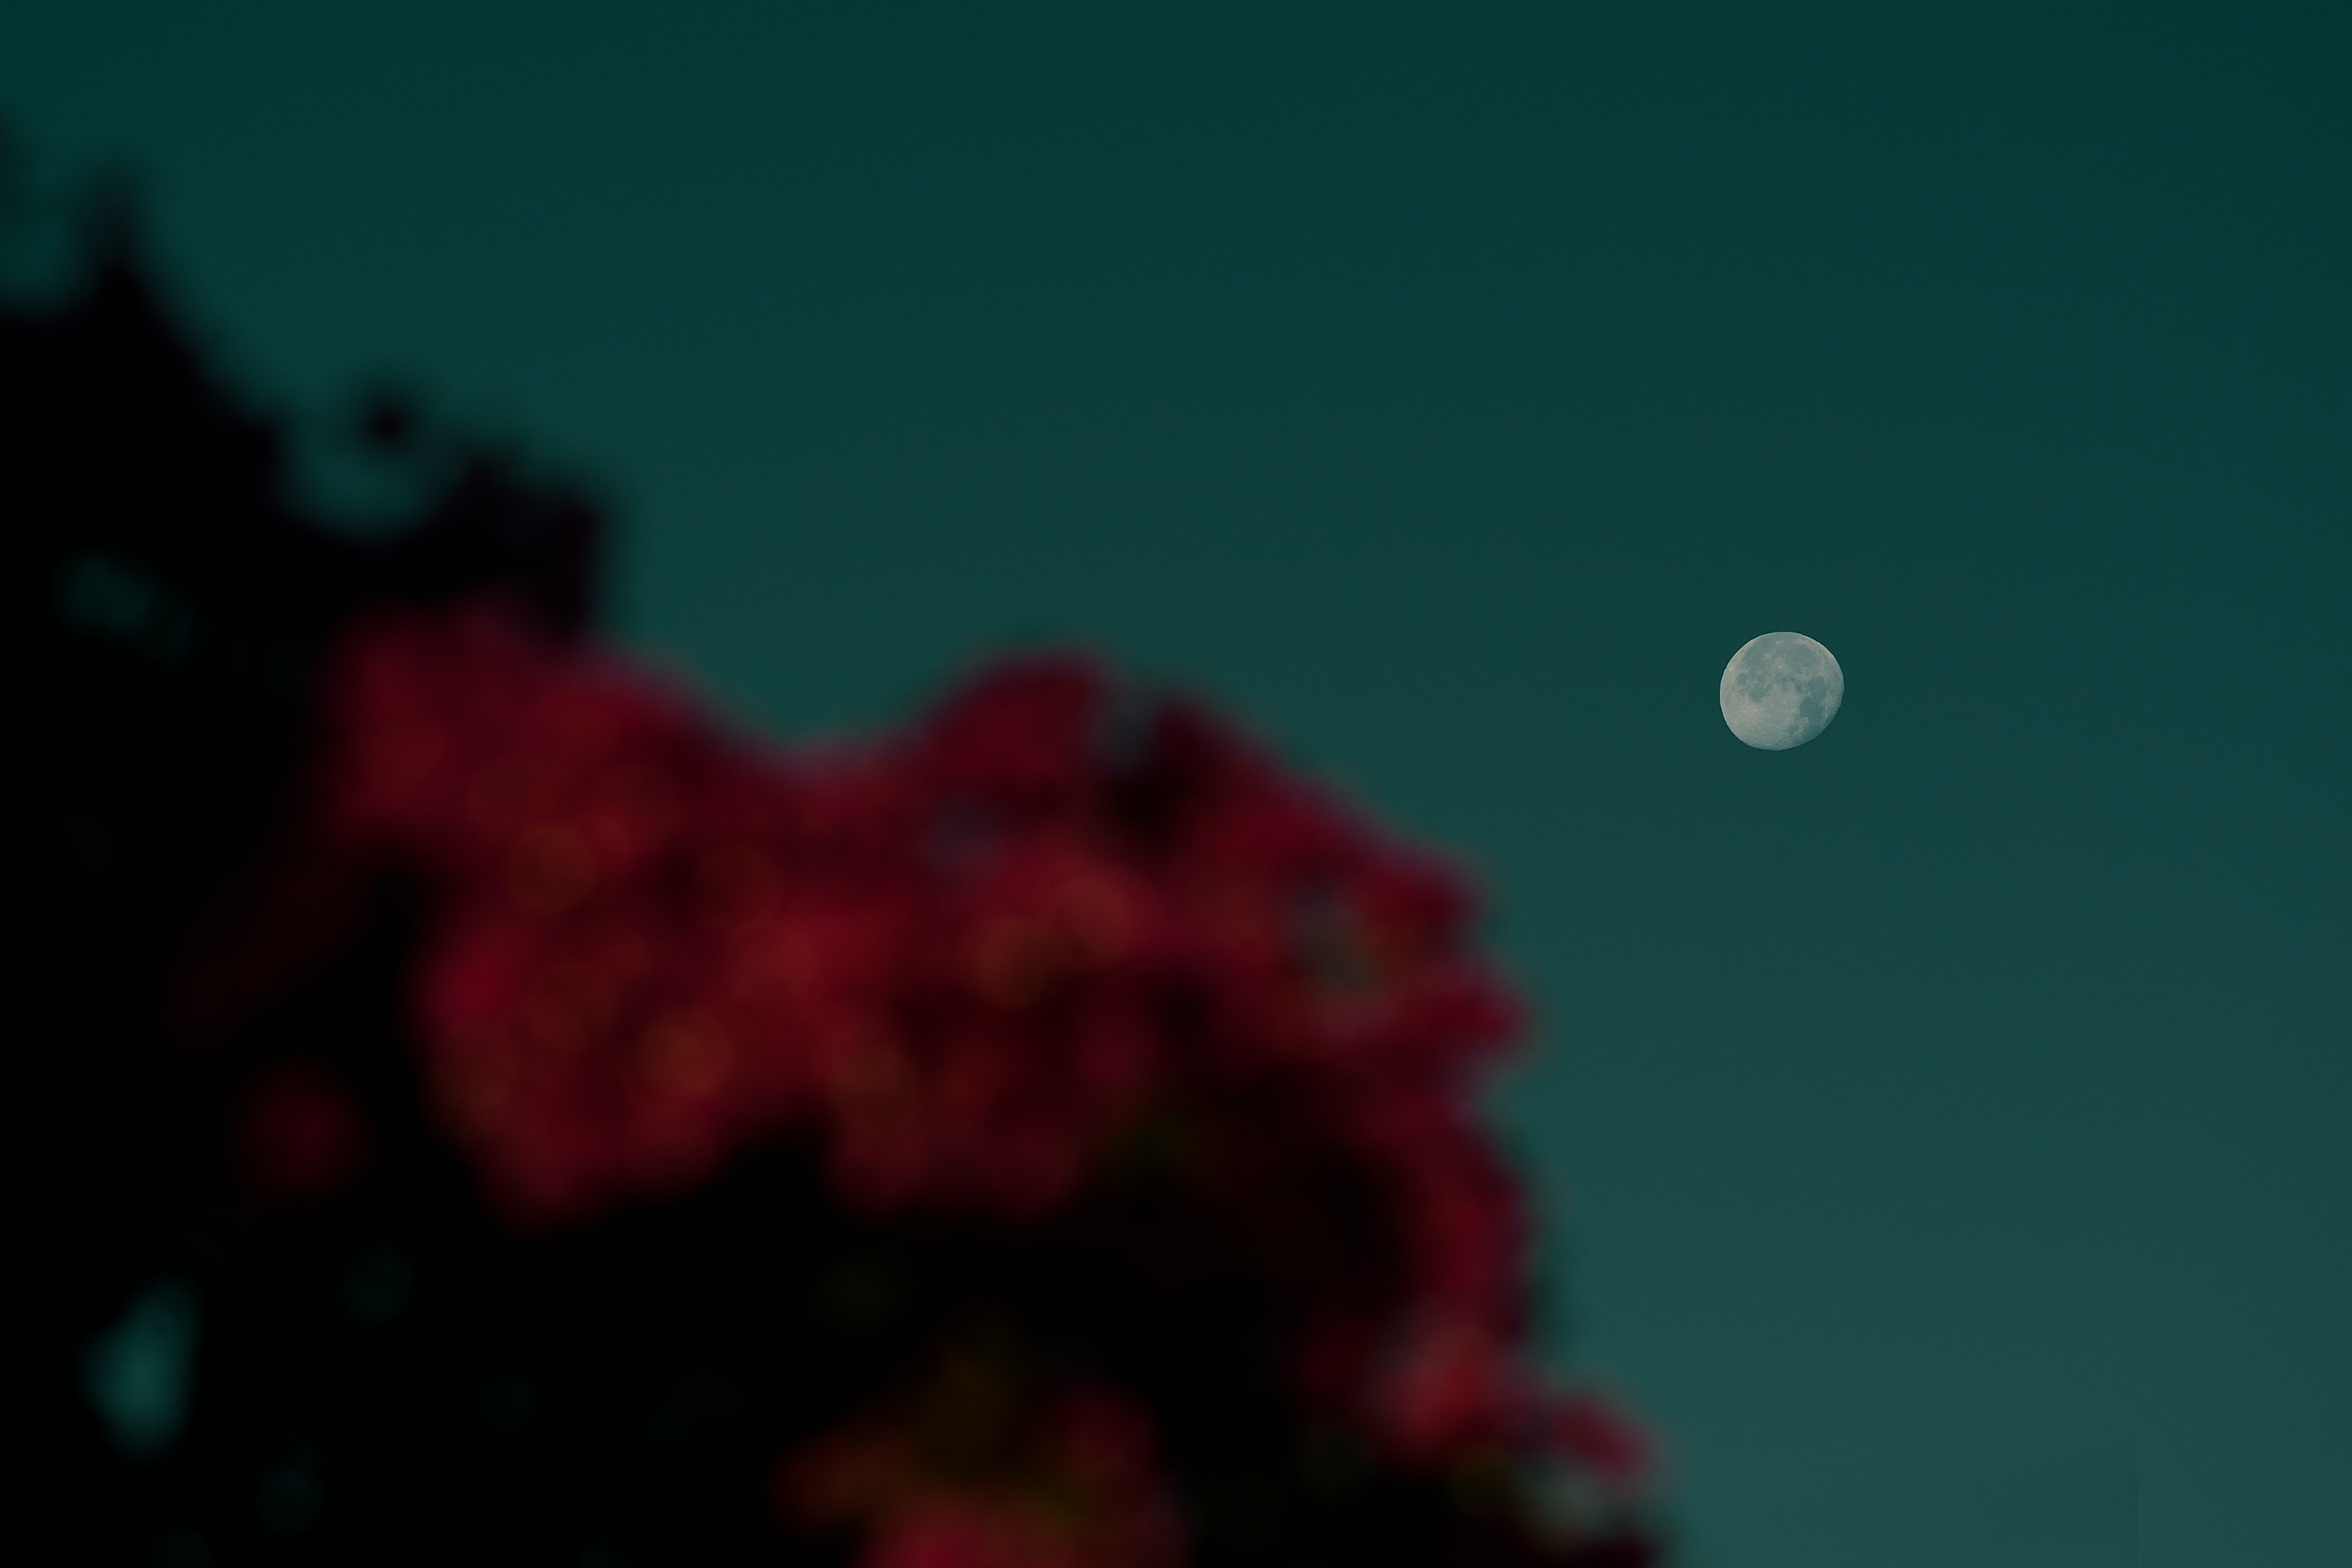 Céu do mês: ocultação de Marte pela Lua e início da primavera iluminam setembro (Foto: Jean-Joseph Napoléon/Unsplash)